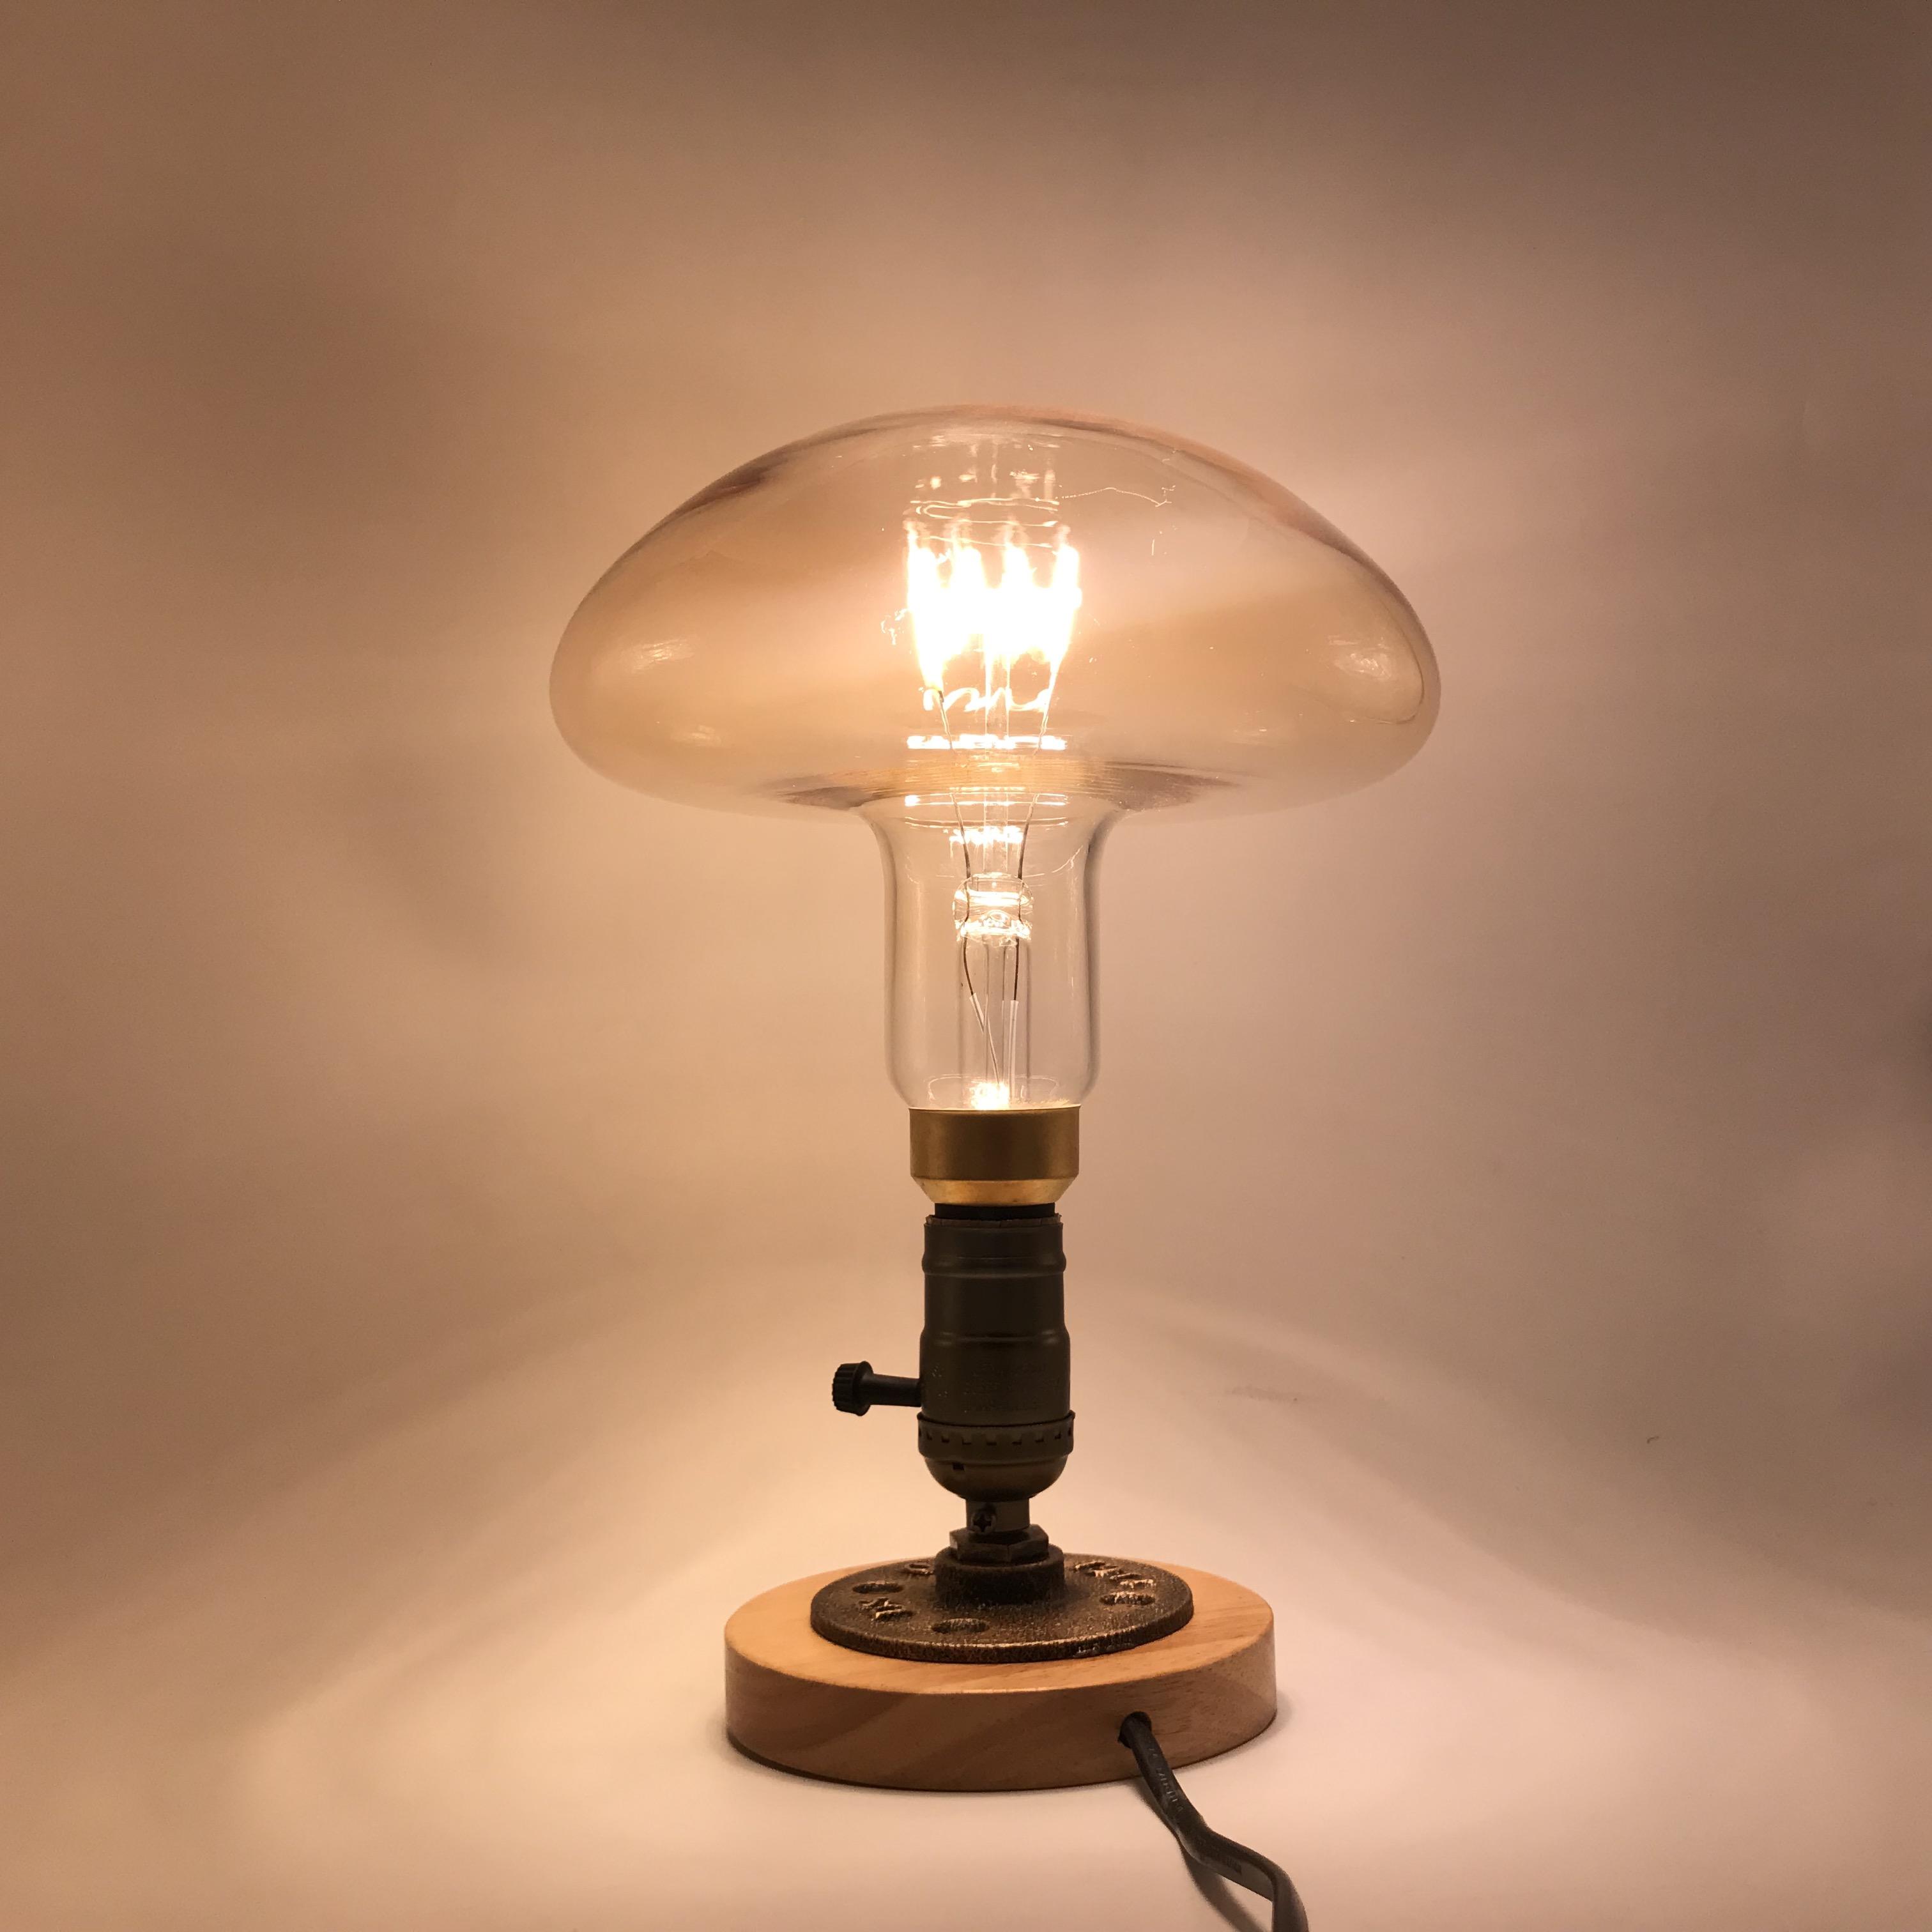 Led filament light mushroom shape vintage lights spiral filament led edison bulb E27